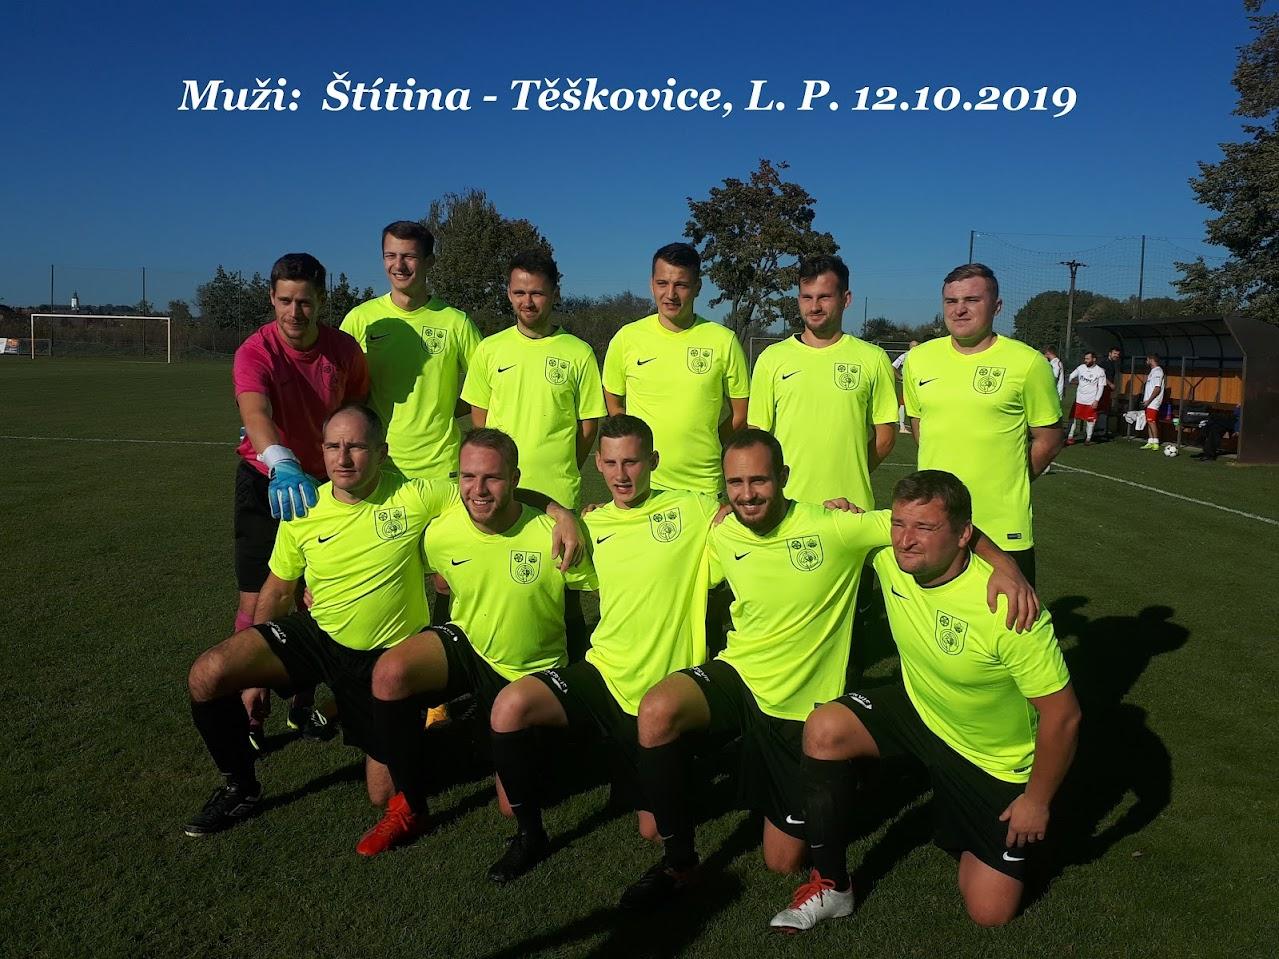 Fotografie hráčů mužstva Těškovice před utkáním se Štítinou